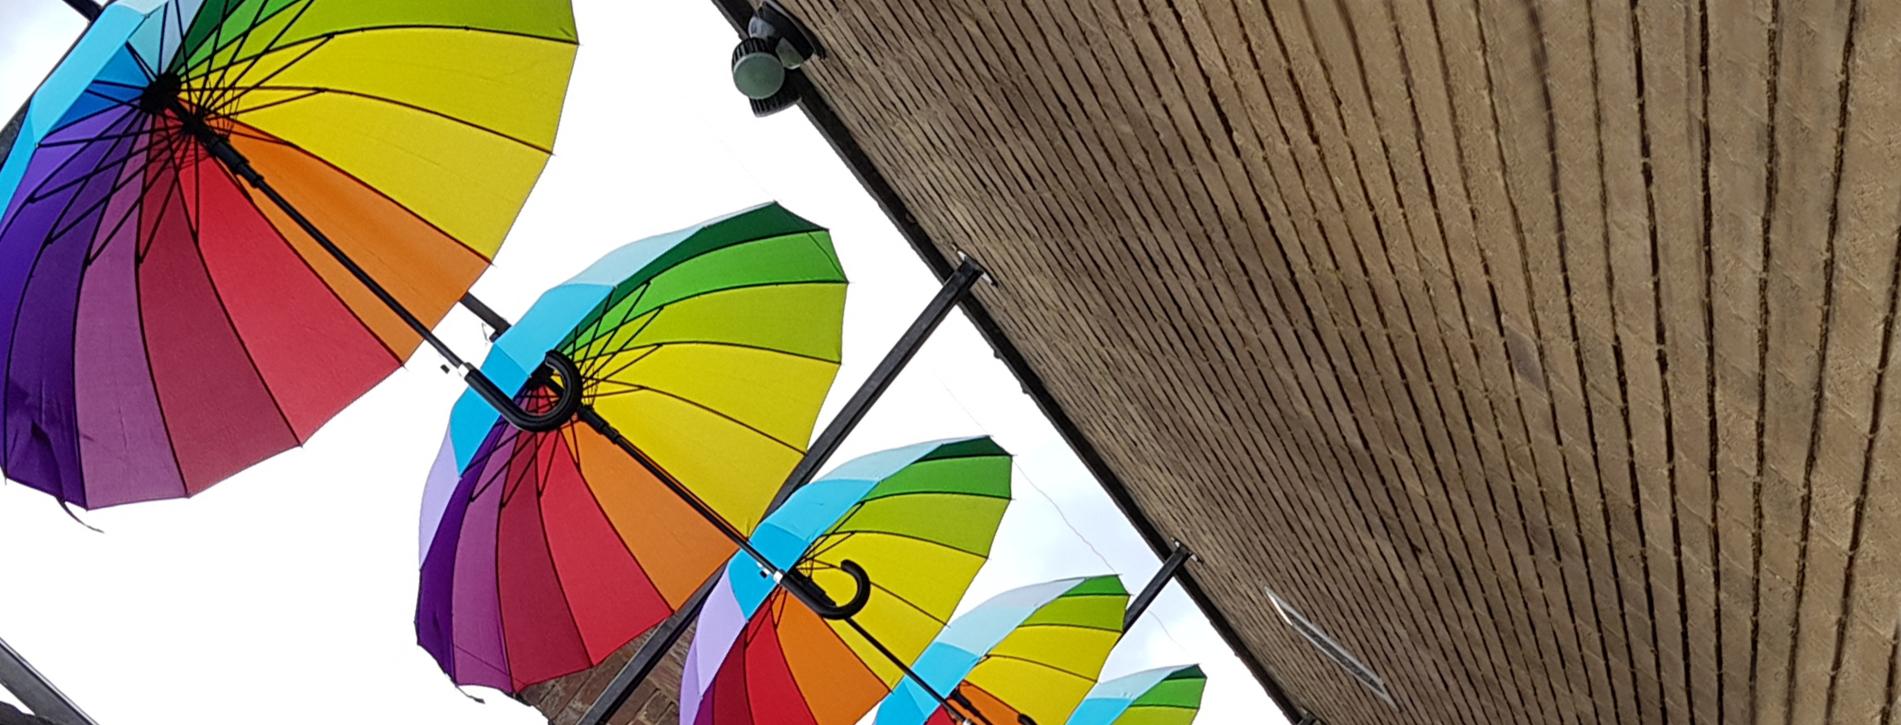 umbrellas2_home